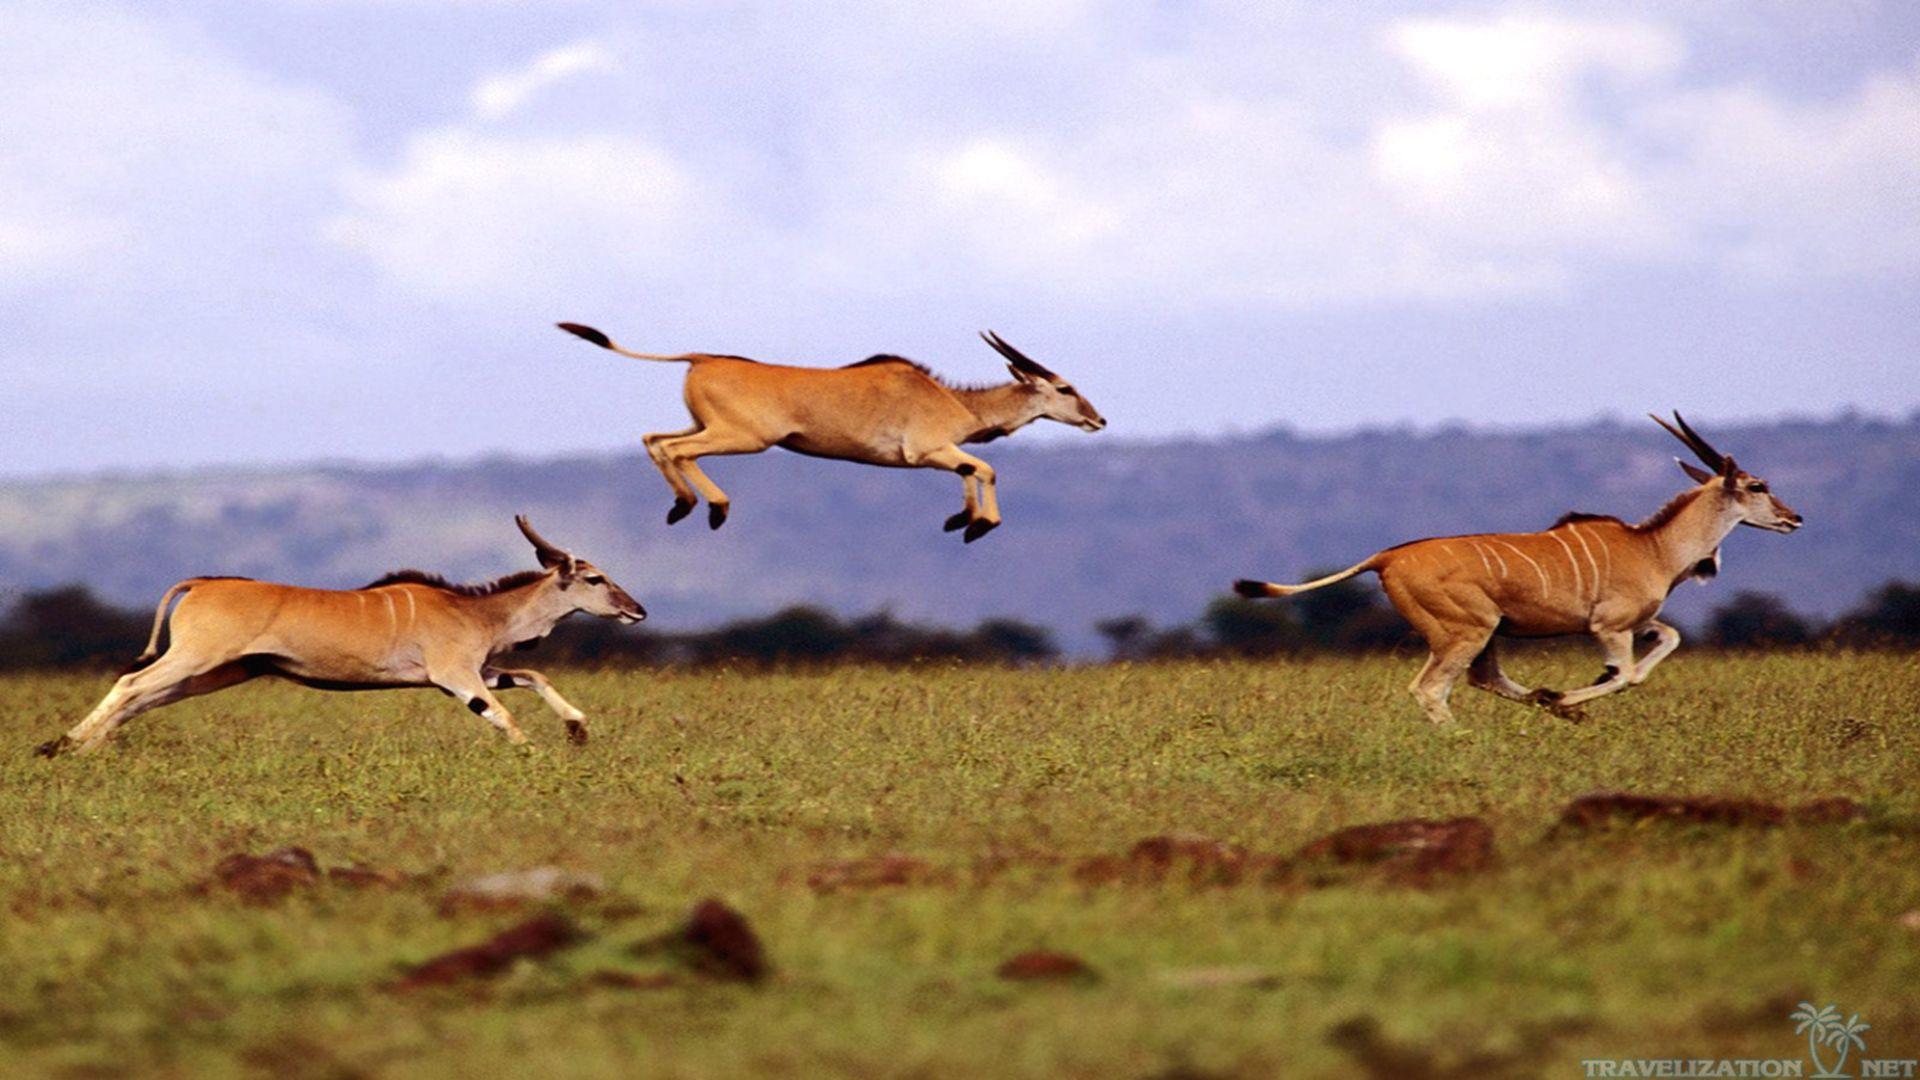 African Safari Wallpaper 1920x1080 57983